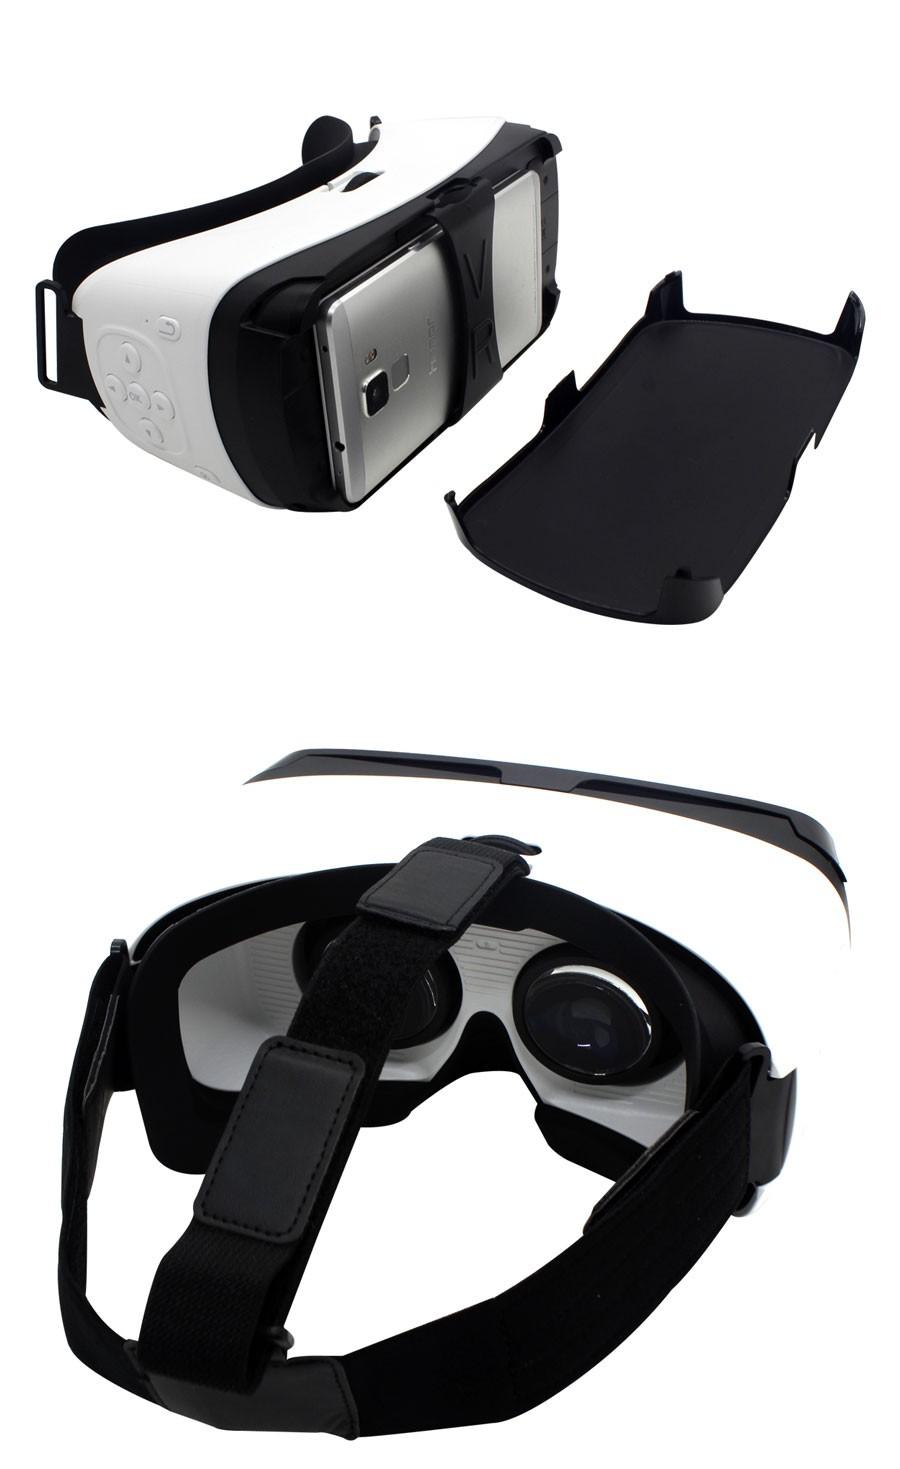 ถูก มาใหม่VR SMB G Oogleกระดาษแข็งVRความจริงเสมือนแว่นตา3Dสำหรับ4.5-5.5นิ้วมาร์ทโฟนดีกว่าVRกล่อง, VR Shinecon